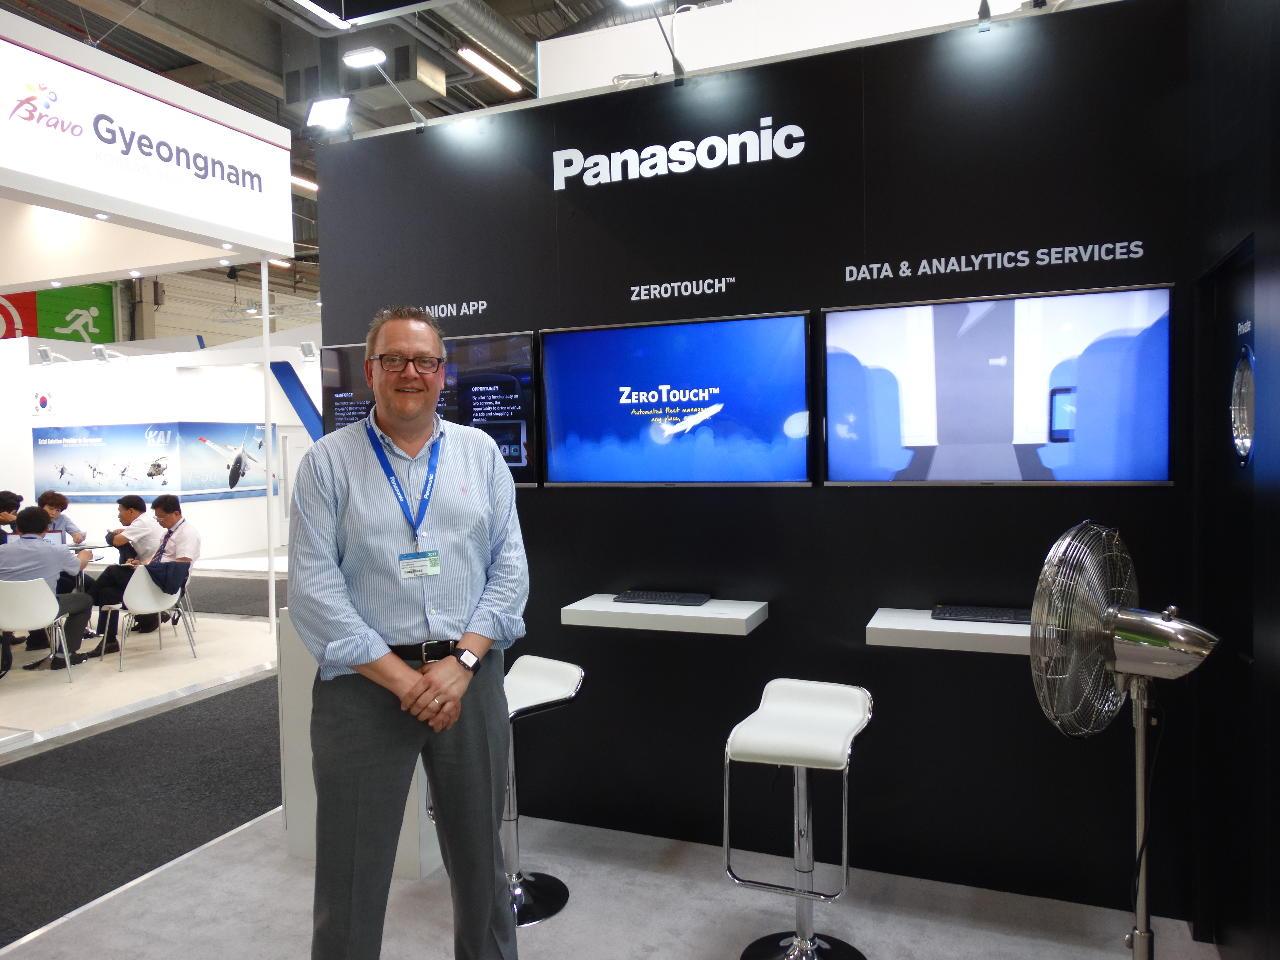 Bourget 2017 : Southwest, premier client de Panasonic pour ZeroTouch